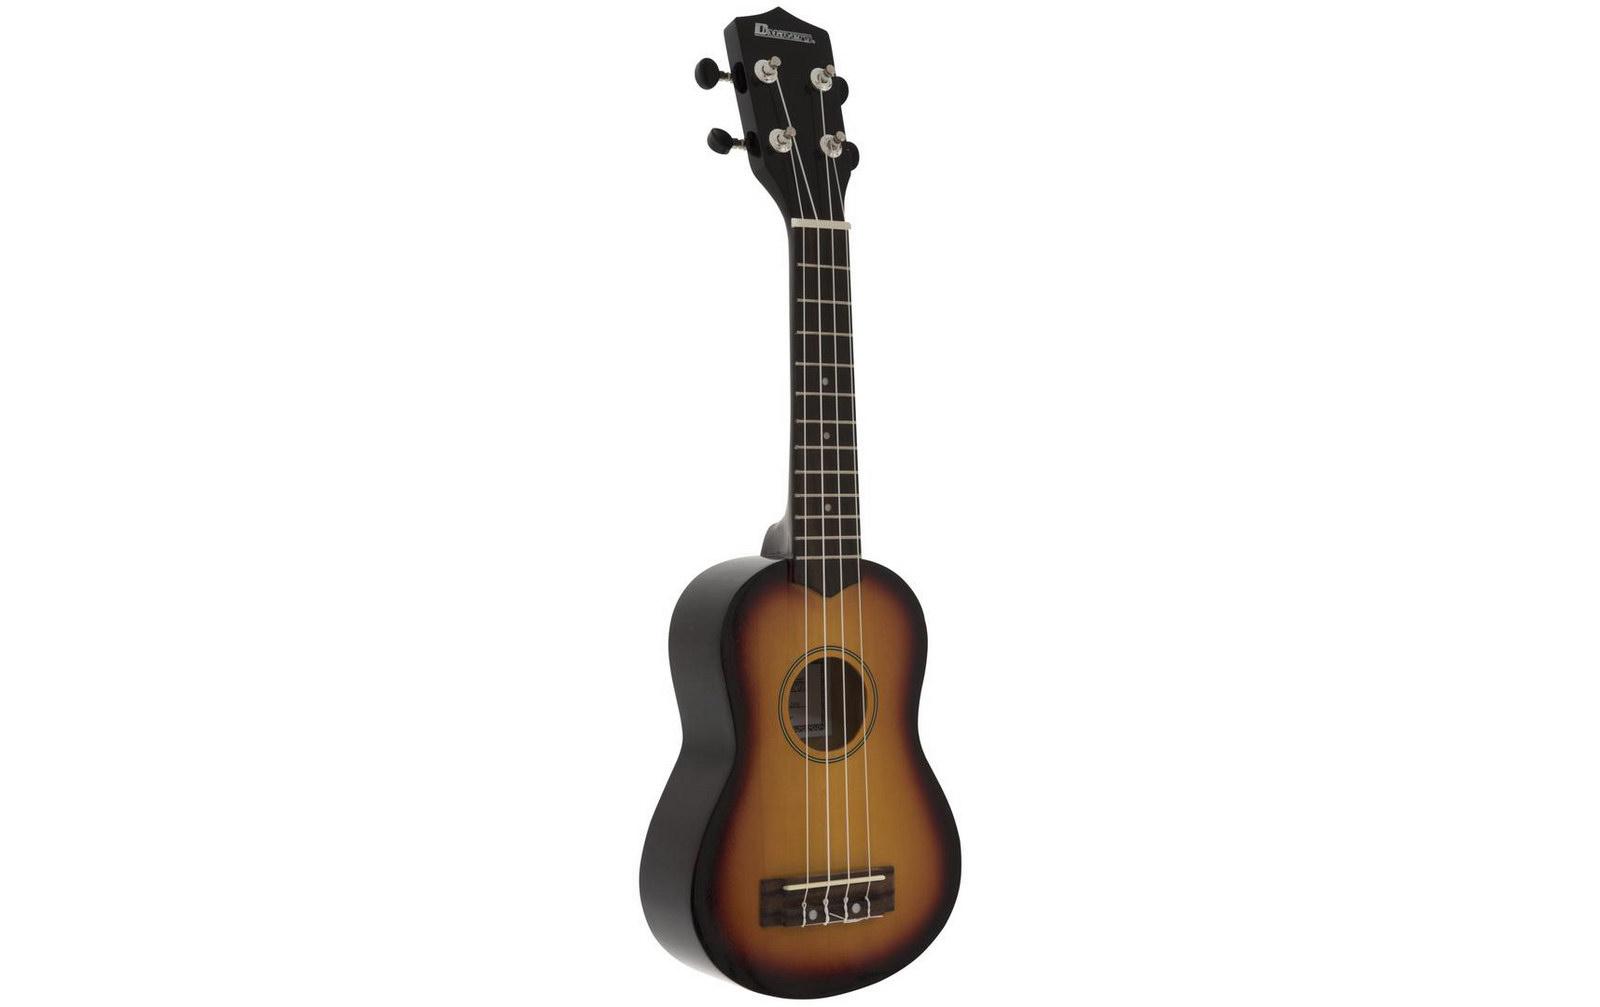 dimavery-uk-200-ukulele-sopran-sunburst